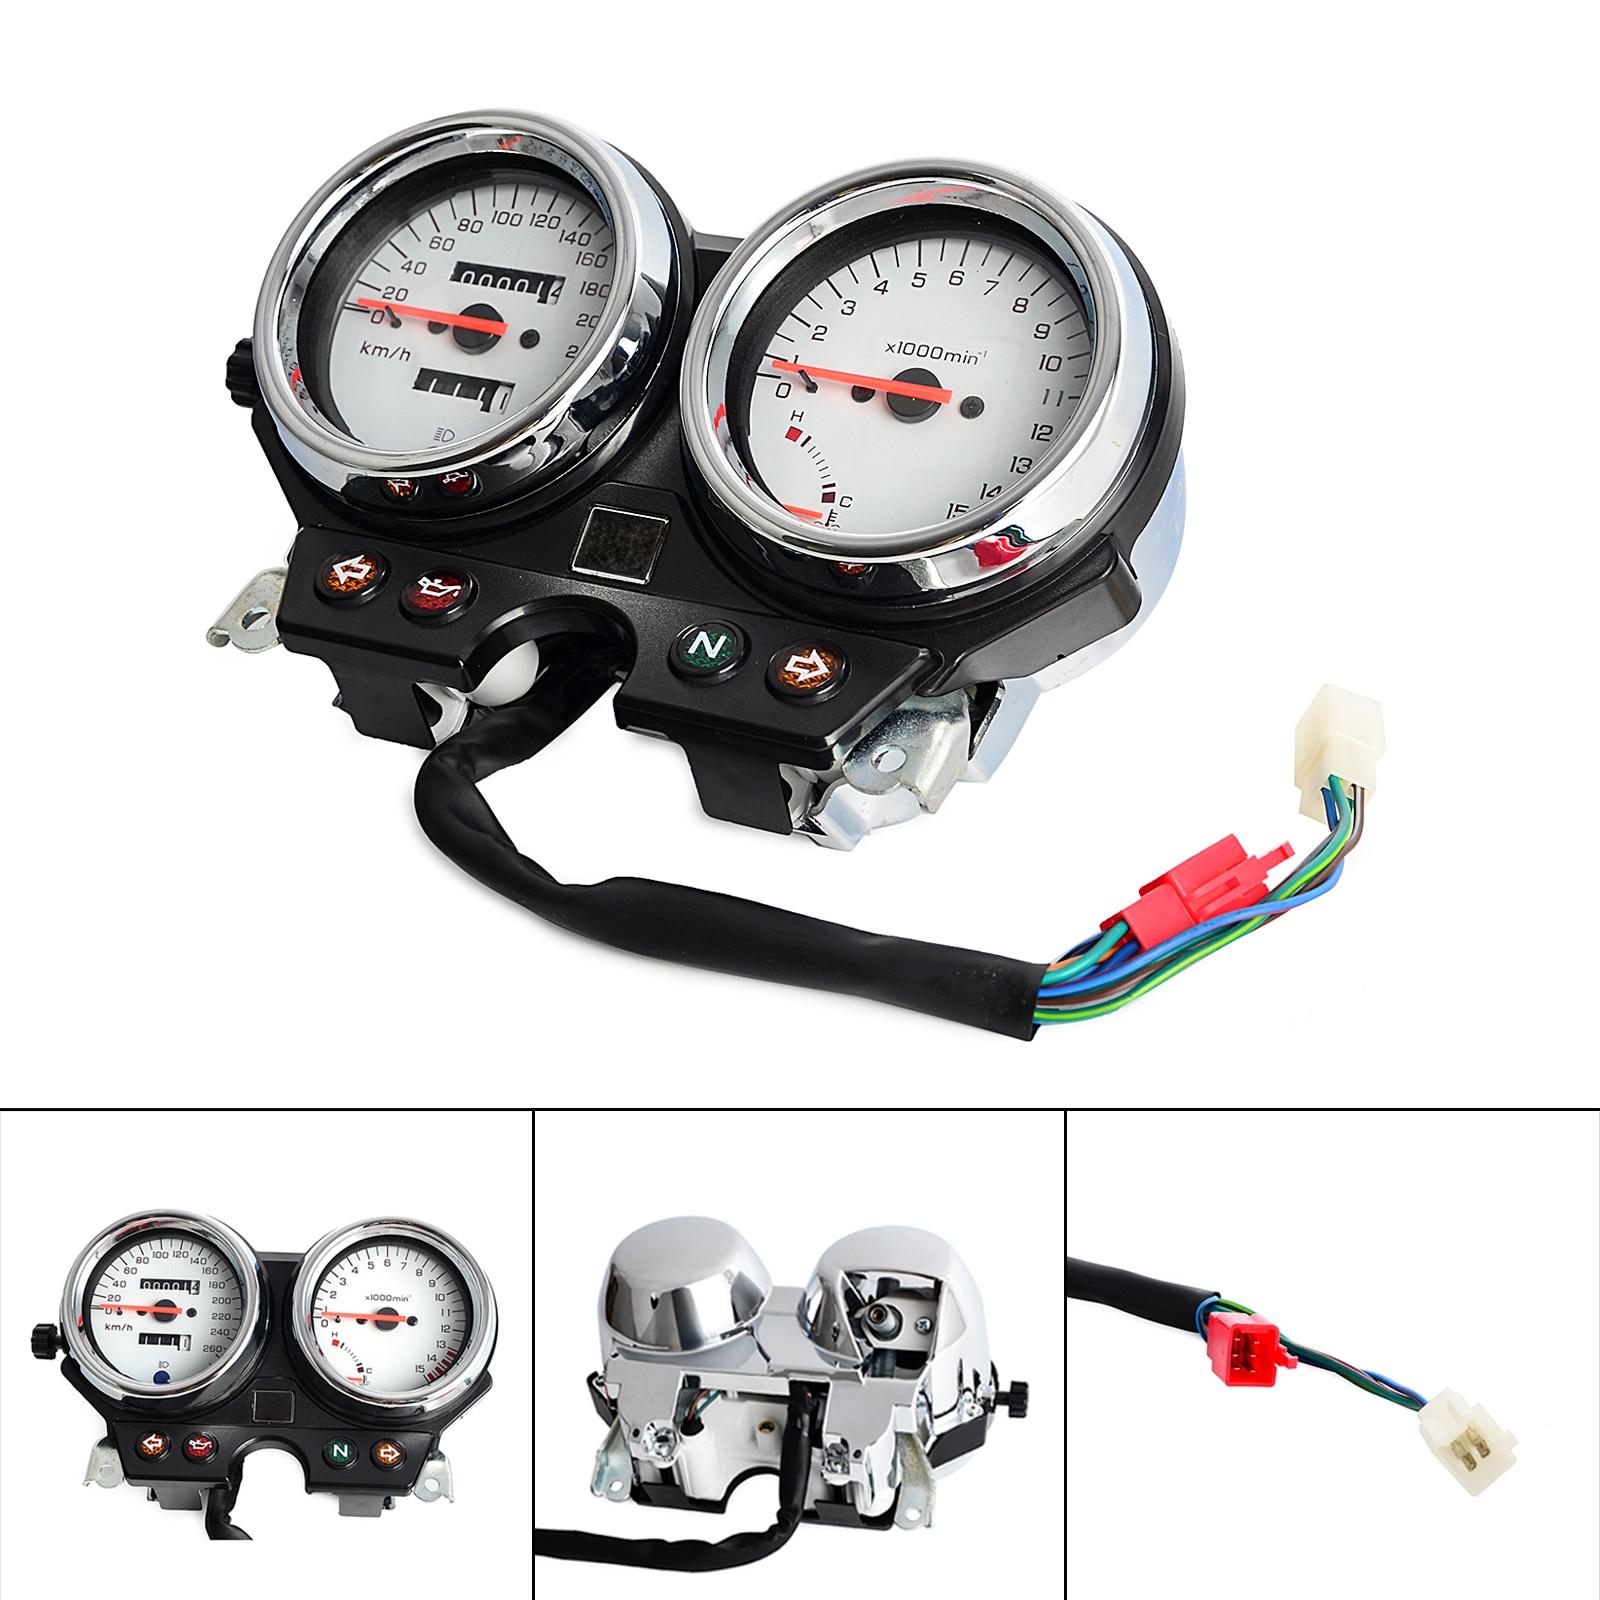 Tacómetro del tablero de instrumentos del velocímetro del grupo de indicadores de la motocicleta para Honda CB600 Hornet 600 1996 1997 1998 1999 2000 2001 2002